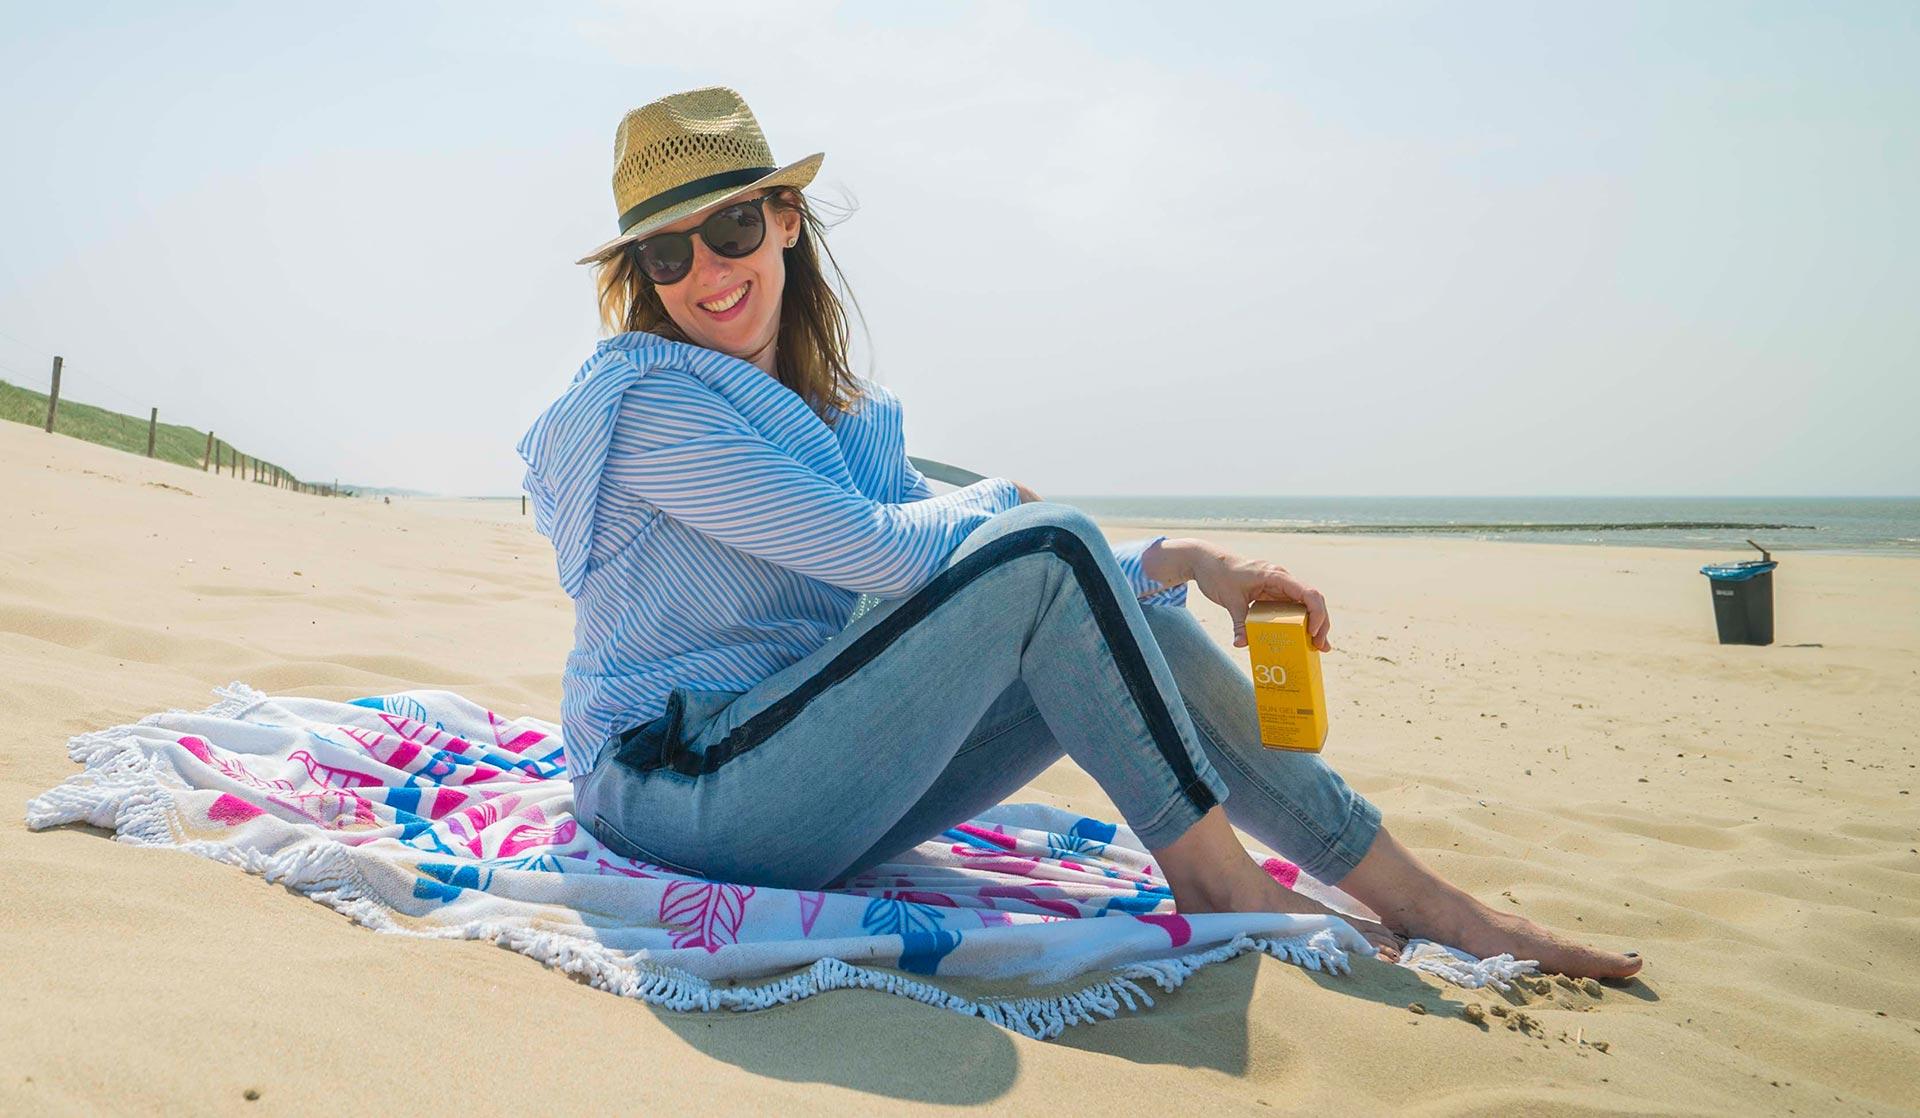 Naar het strand? Bereid je voor op de zon en lees de zonnebescherming tips van Anouk huidtherapeut bij Laserkliniek Zwolle.